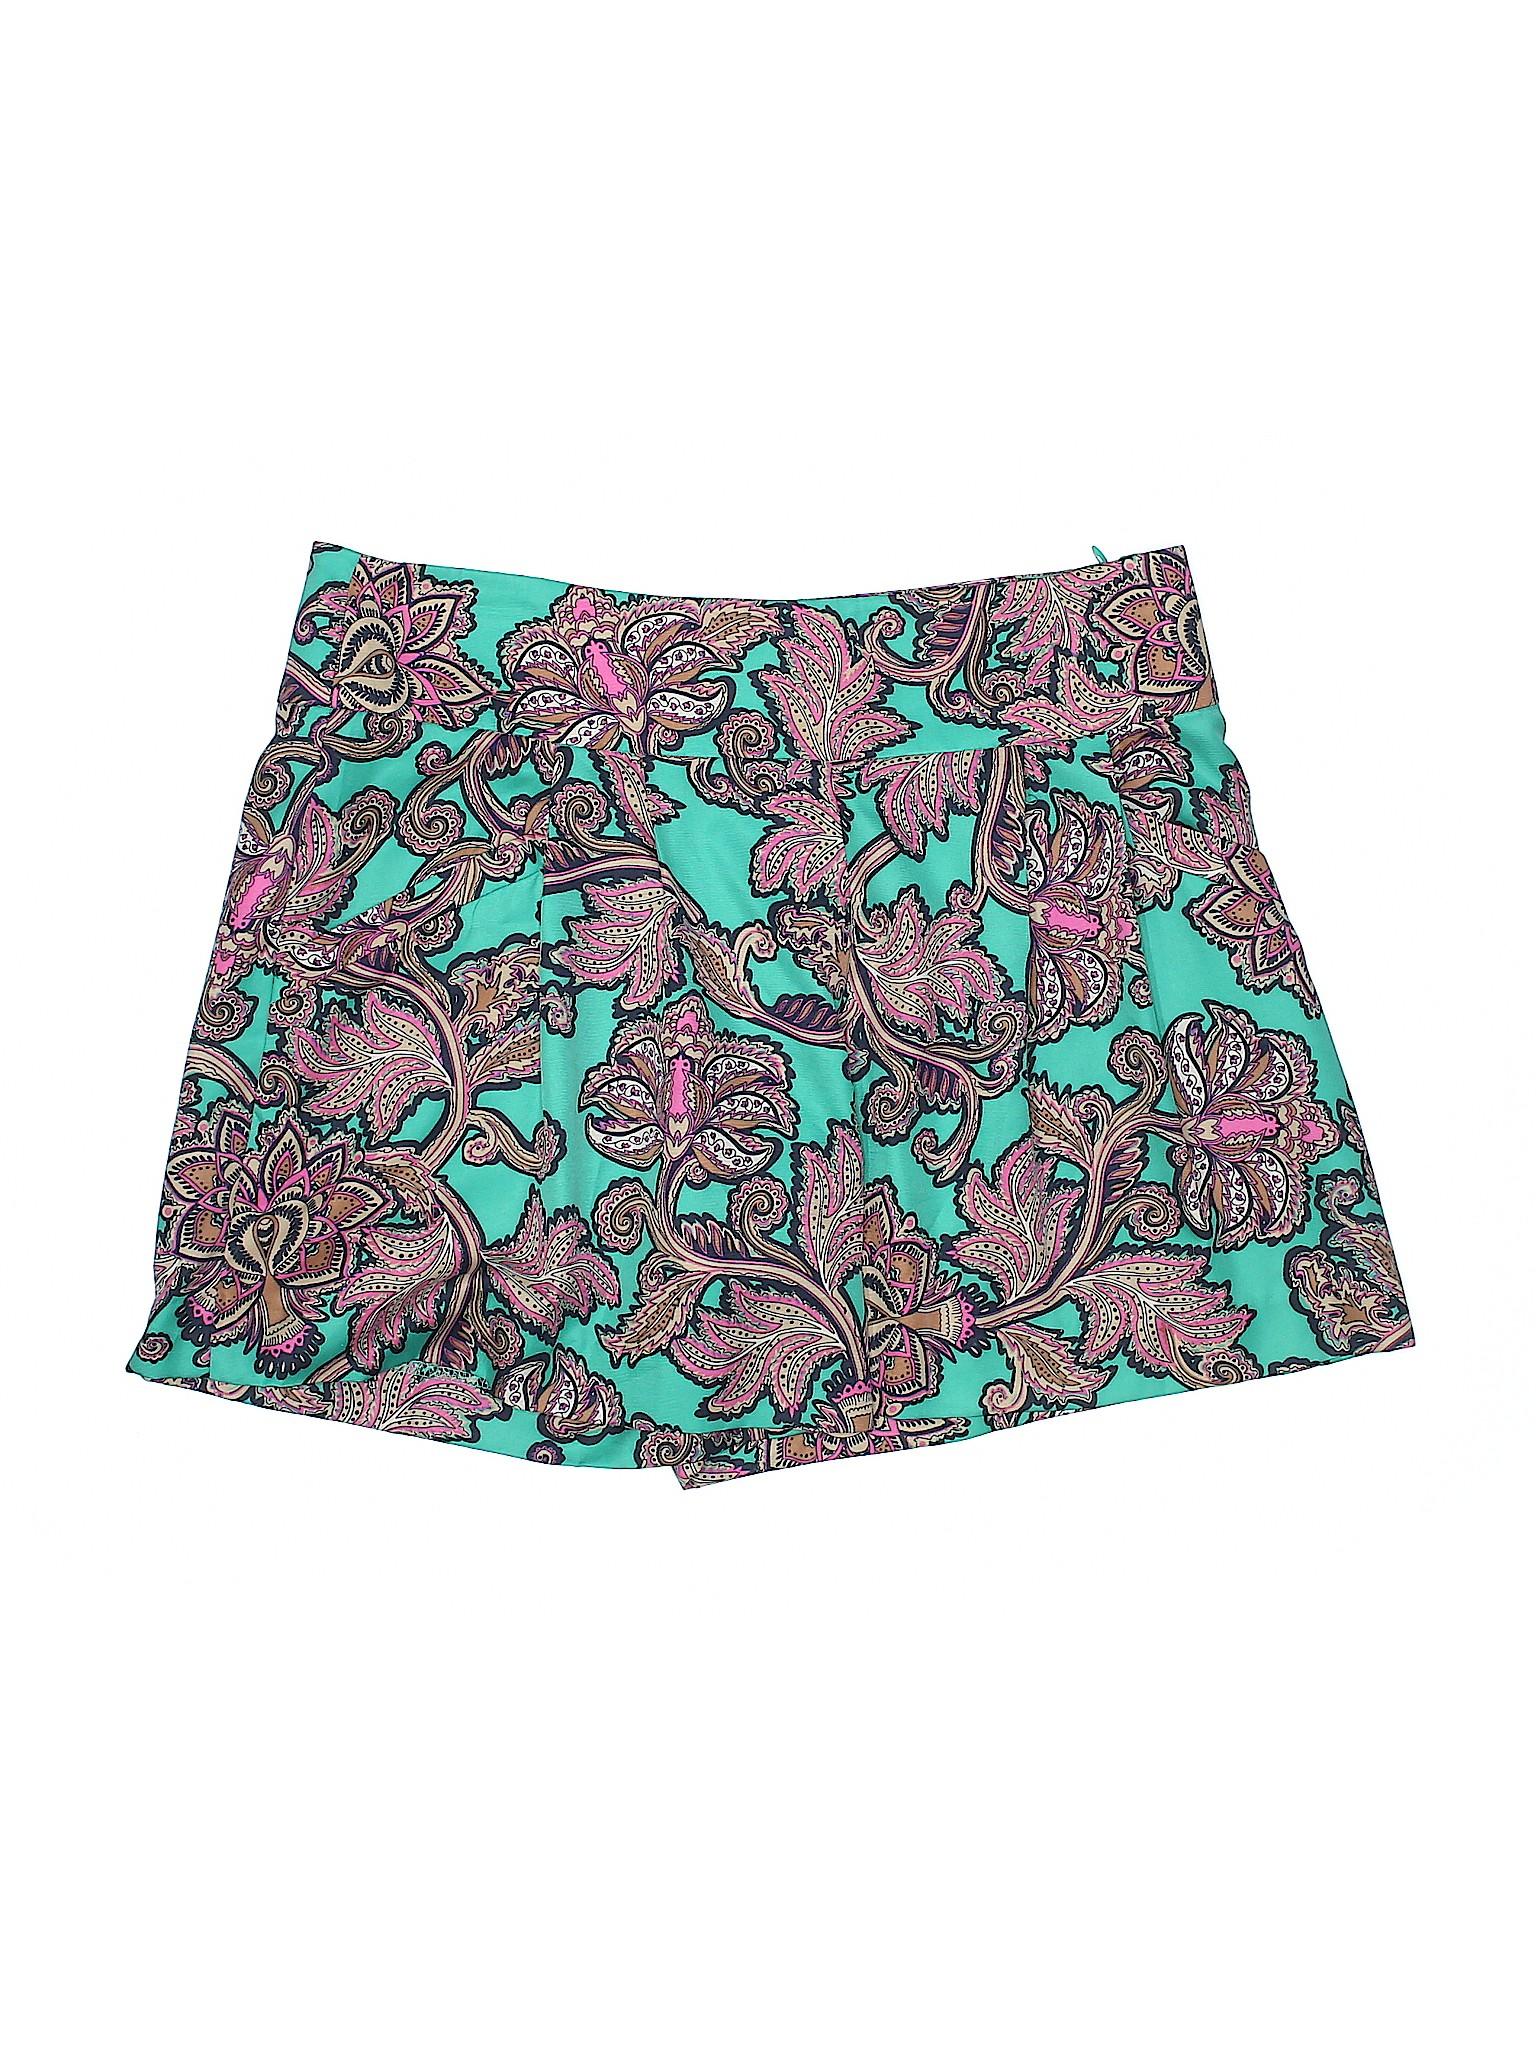 LOFT LOFT Shorts Ann Taylor Taylor Boutique Shorts Taylor Ann LOFT Boutique Boutique Ann Shorts 7fUdwqxf